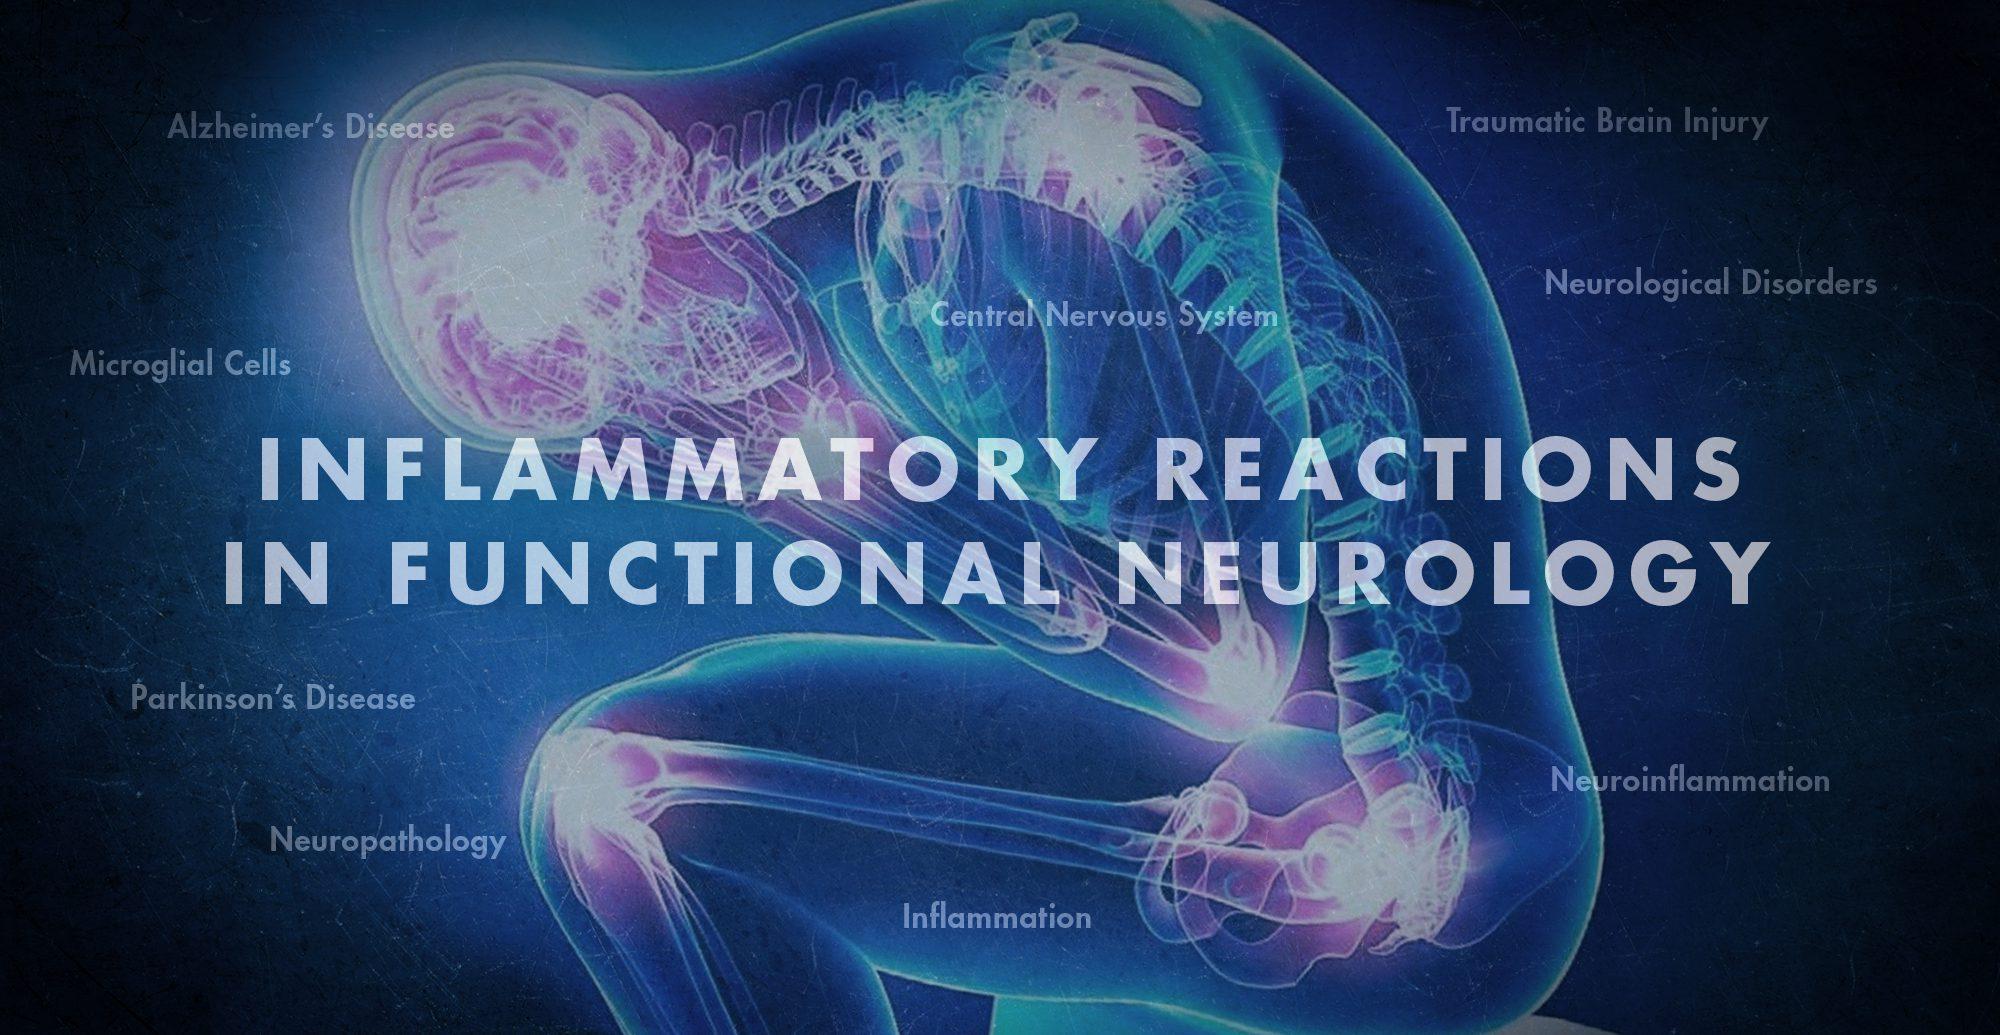 Reacciones inflamatorias en neurología funcional | El Paso, TX Quiropráctico